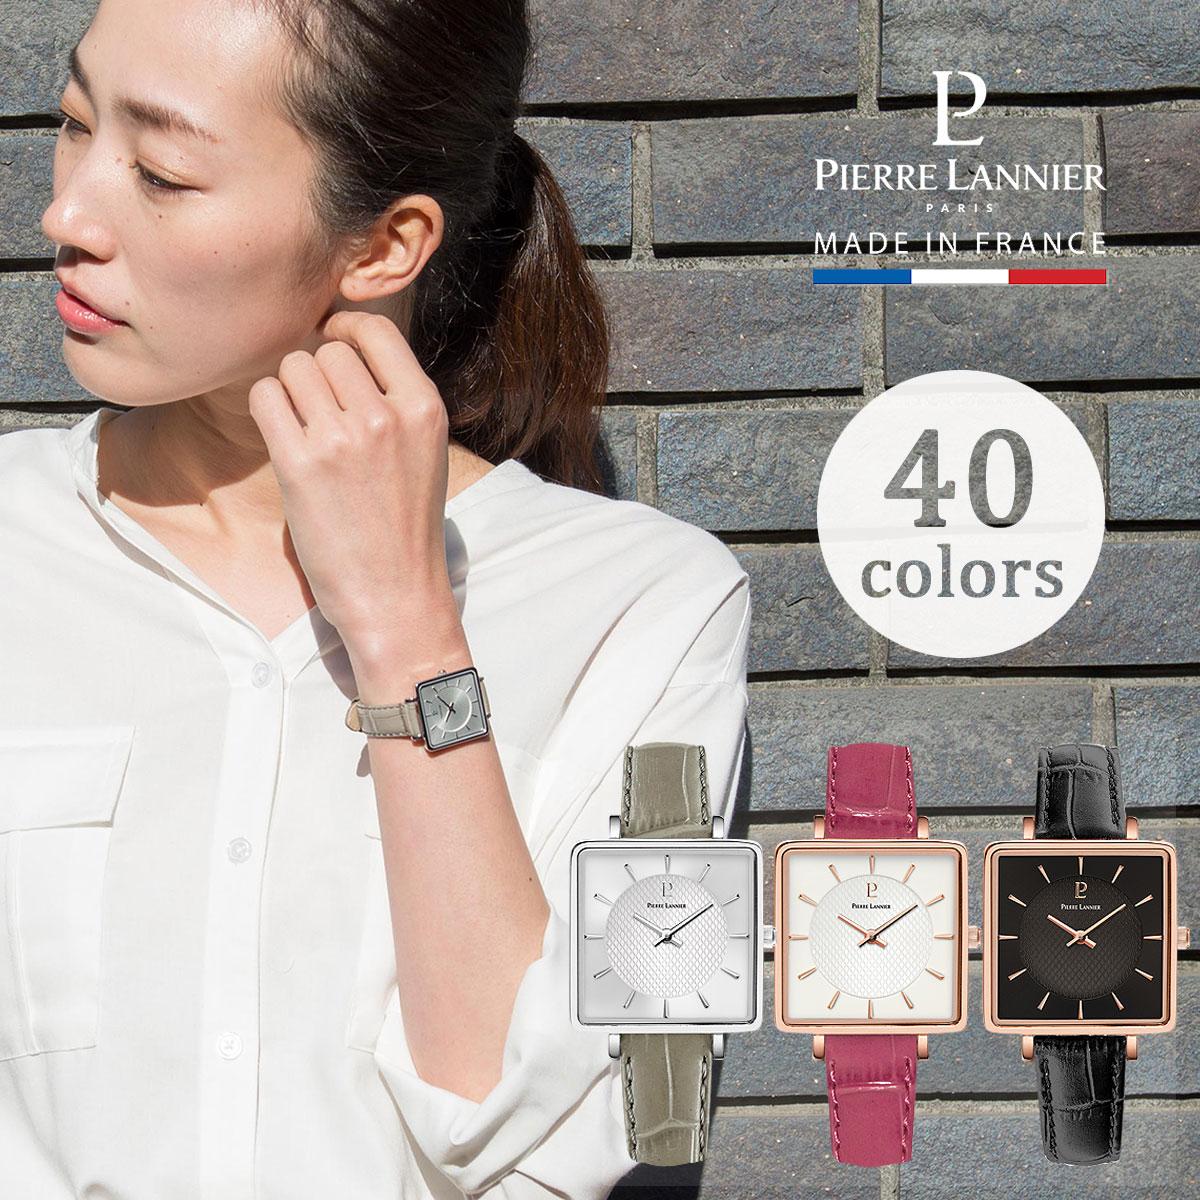 腕時計 レディース ブランド ピエールラニエ 見やすい シンプル スクエア レカレウォッチ 軽い 薄い 革ベルト 四角 おしゃれ 本革 防水 フランス製 p007h624 p008f924 p008f933 ペアウォッチ おすすめ お祝い